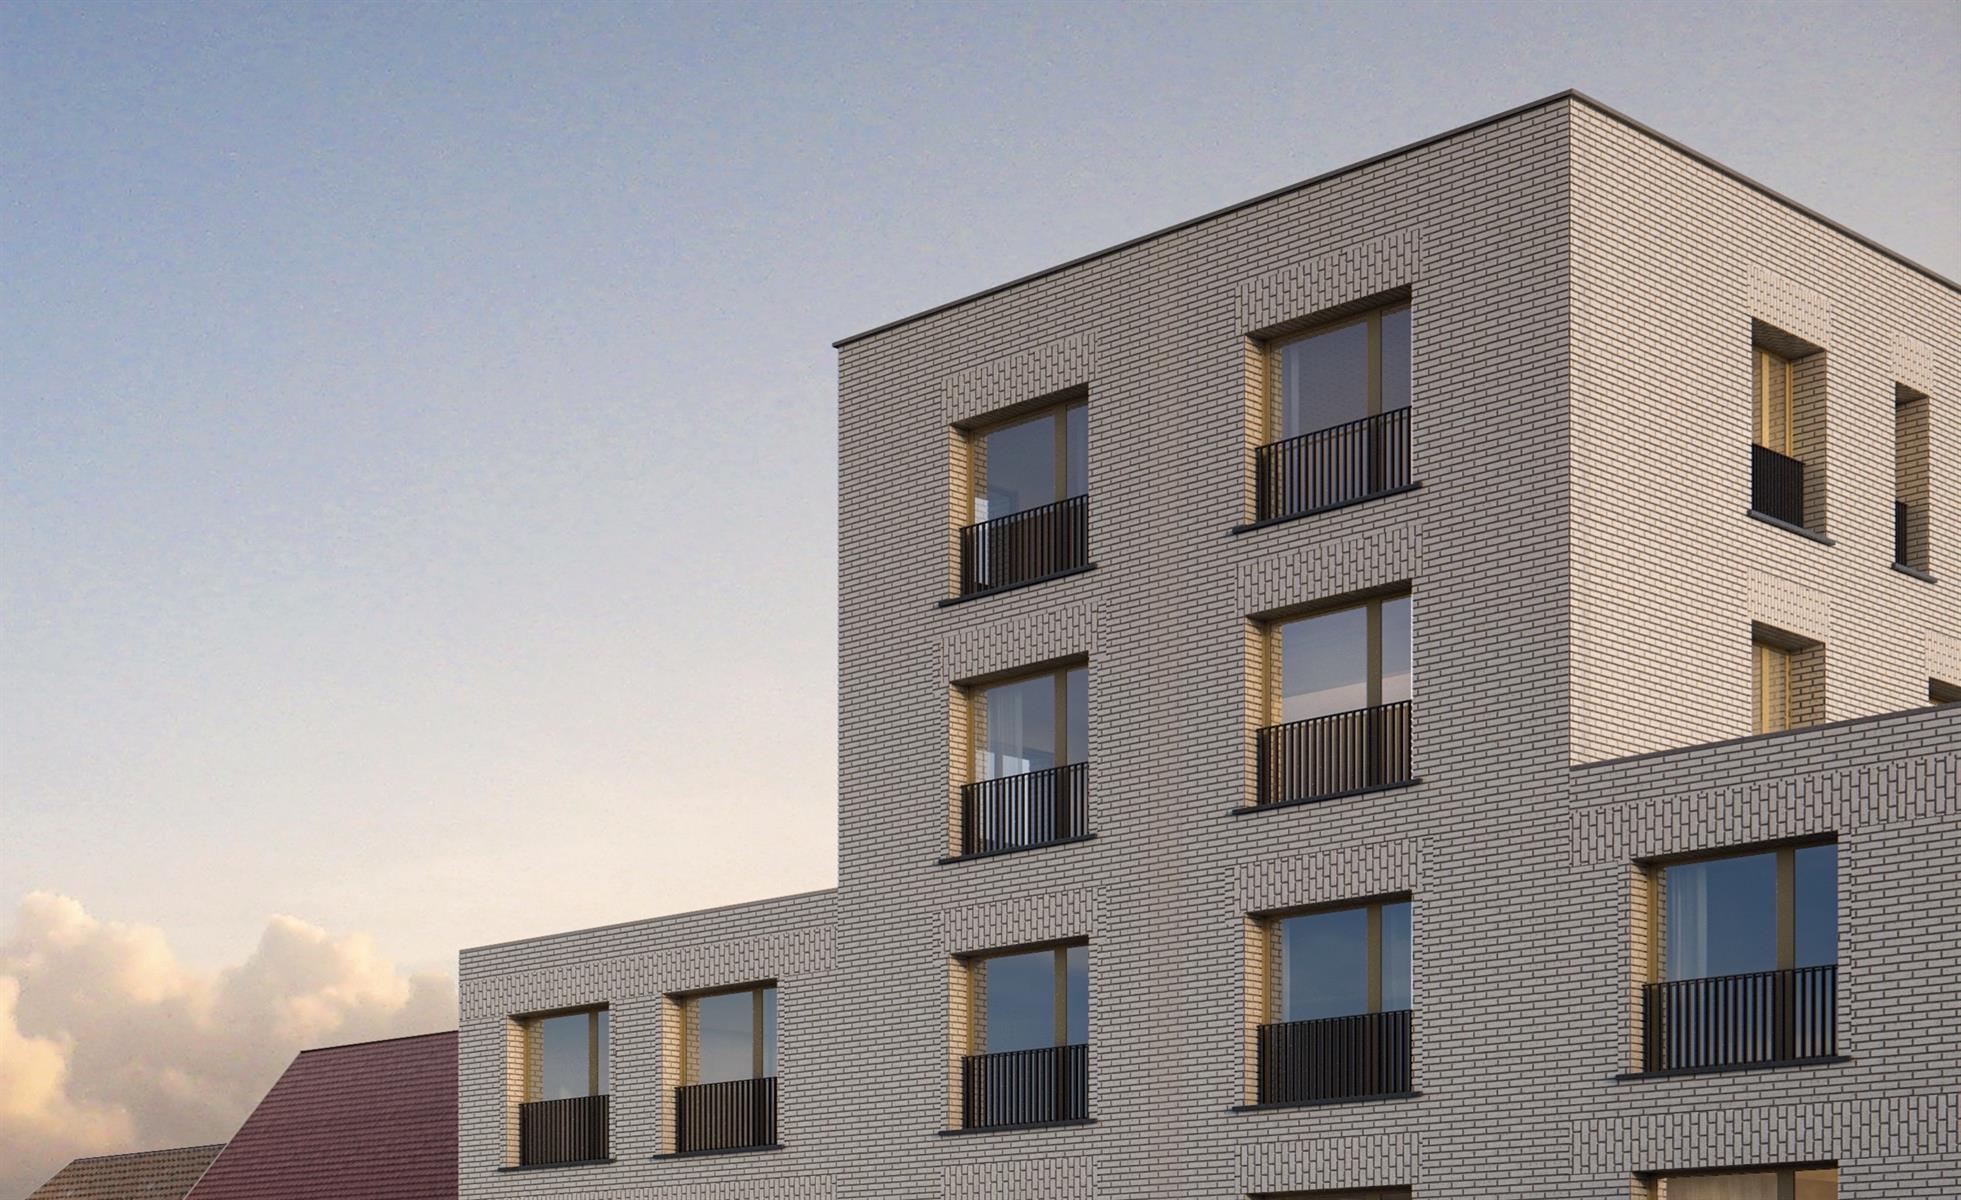 Te koop, Appartement, Deinze, AP 3.3 - Pakhuis - Appartement